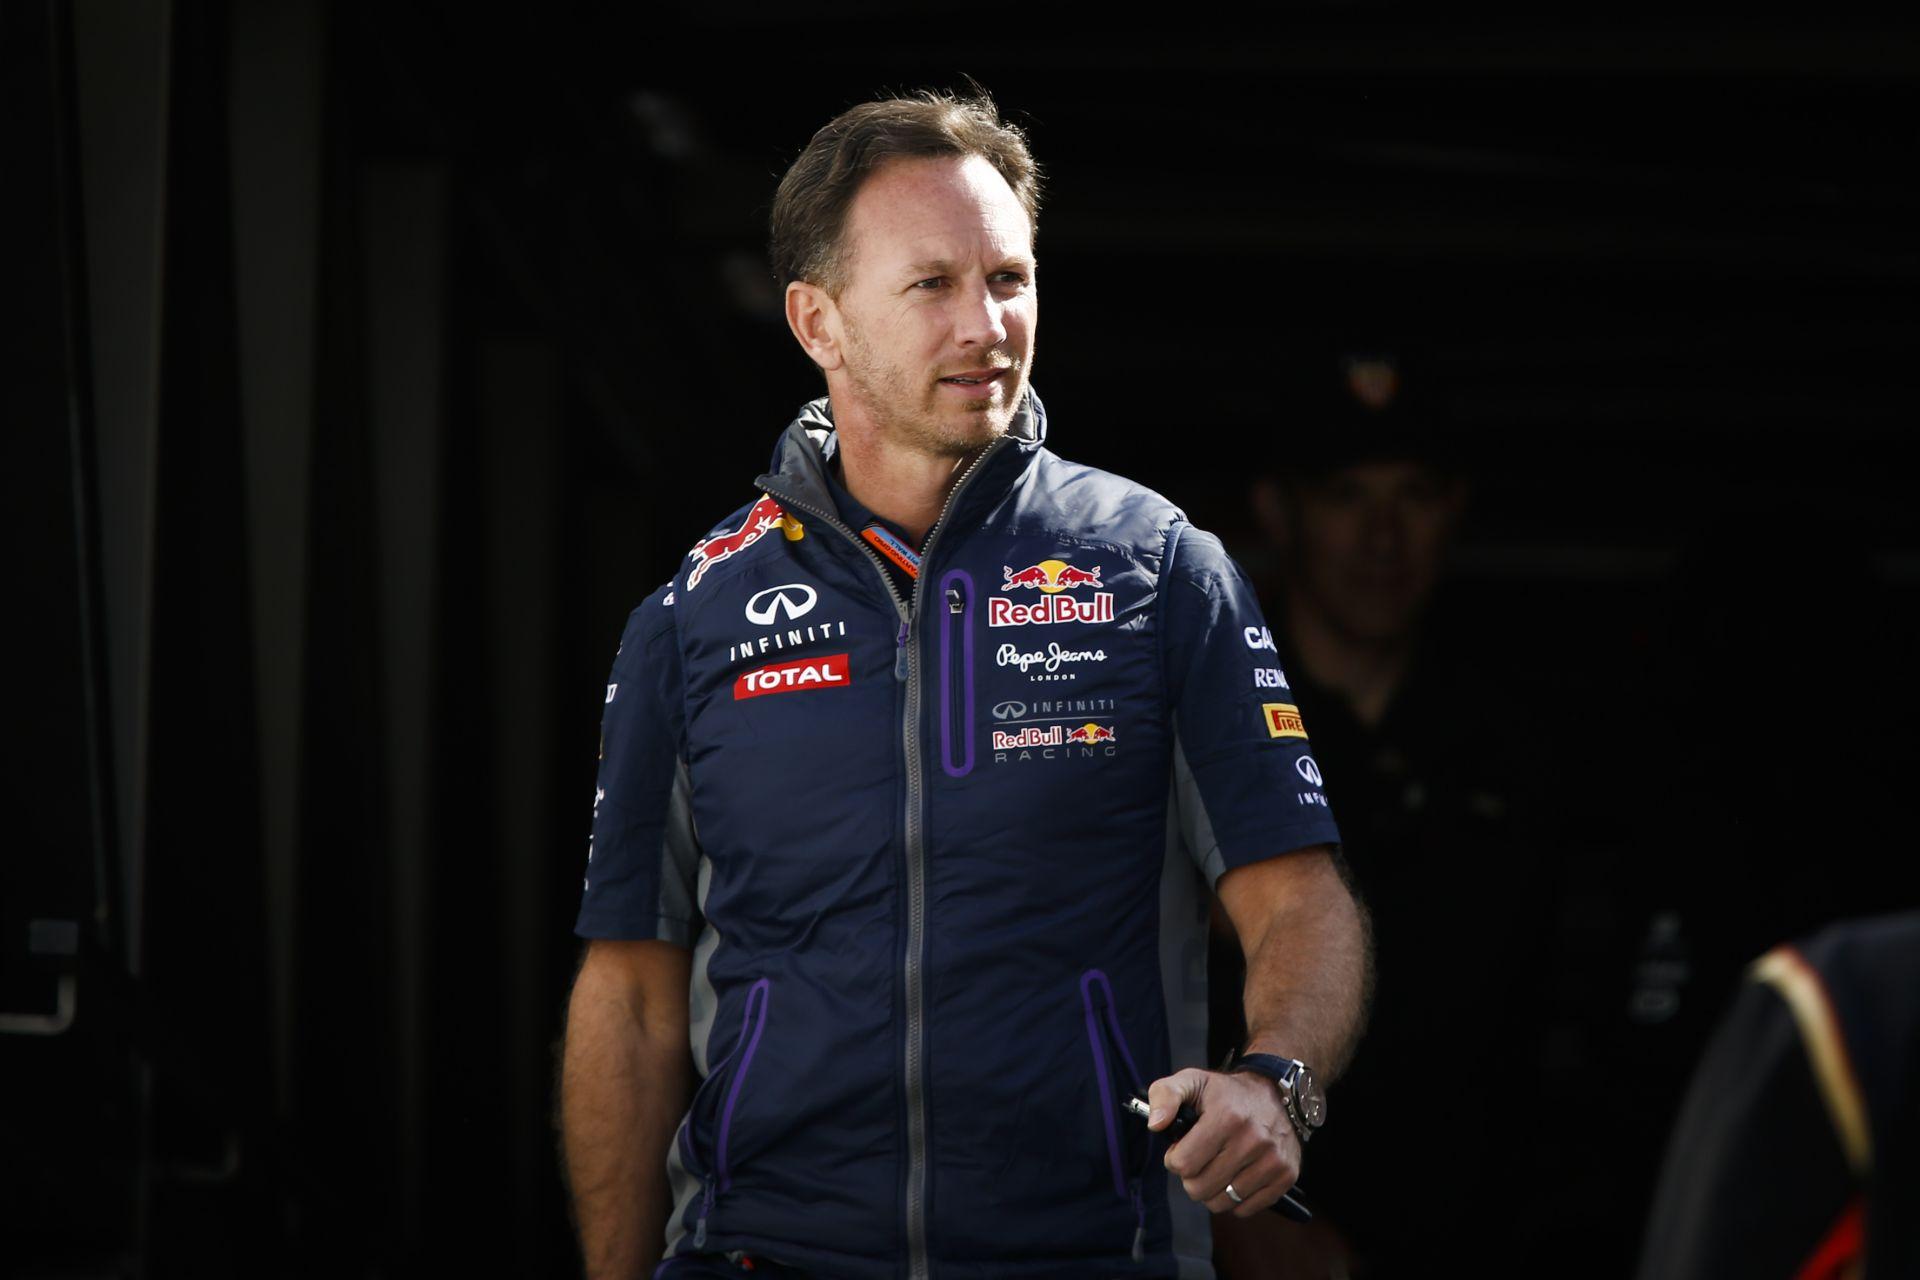 Új szerződést írt alá a Red Bull csapatfőnöke: A csapat és a csapatfőnök is marad a Forma-1-ben